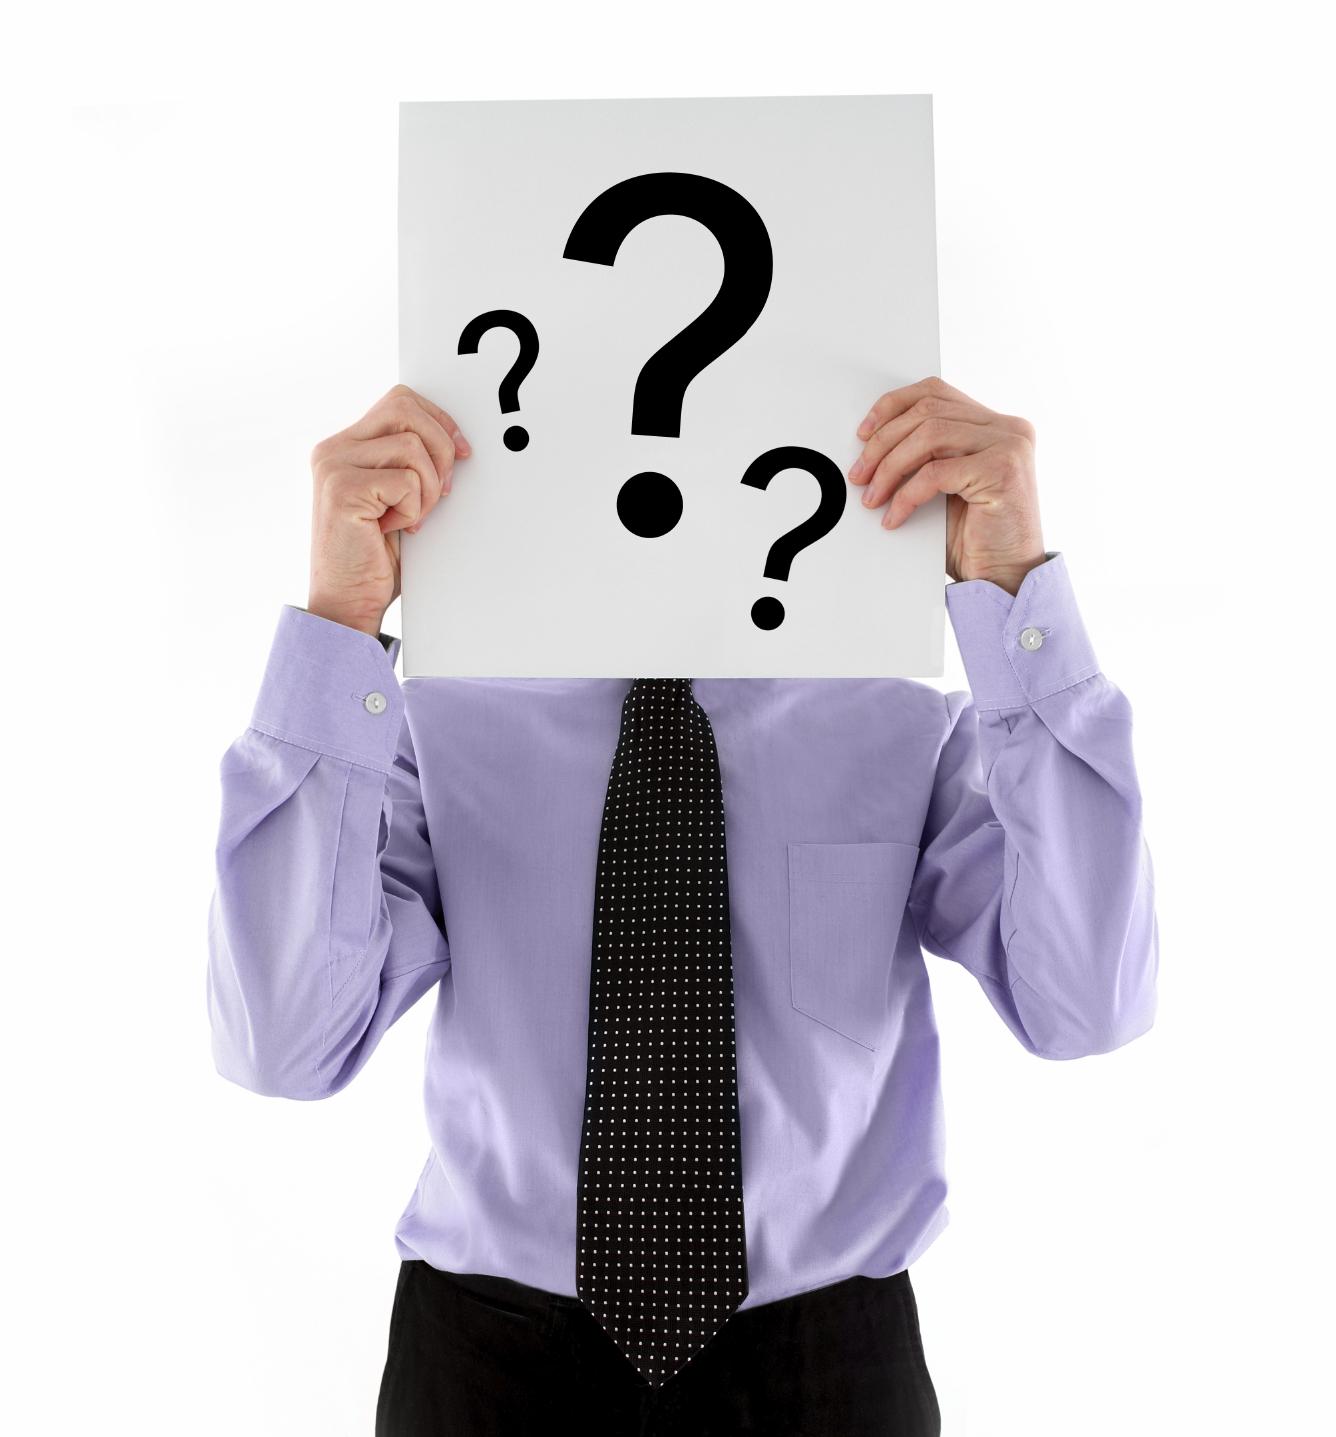 online job questions